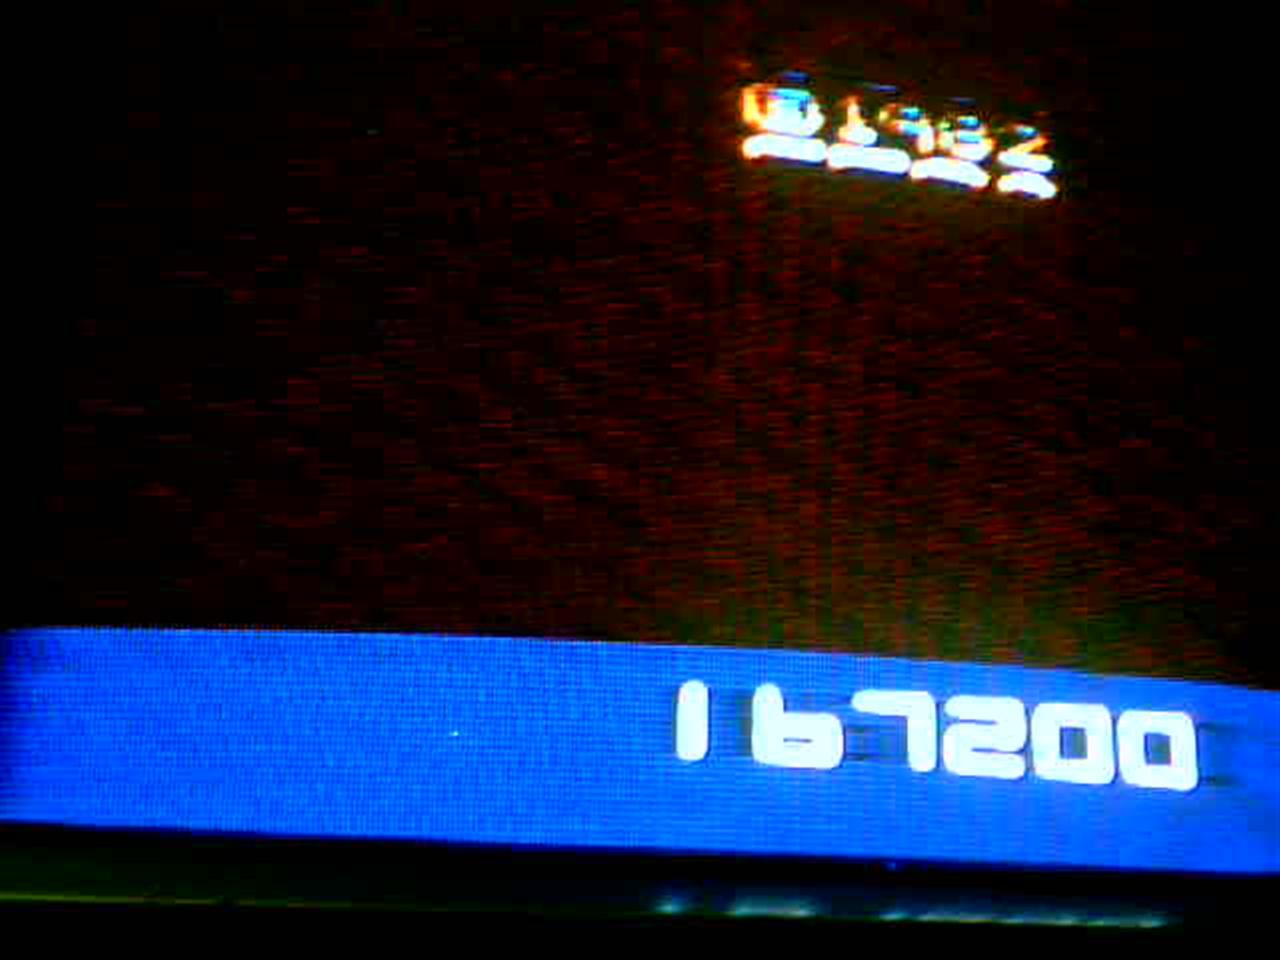 Tac-Scan 167,200 points